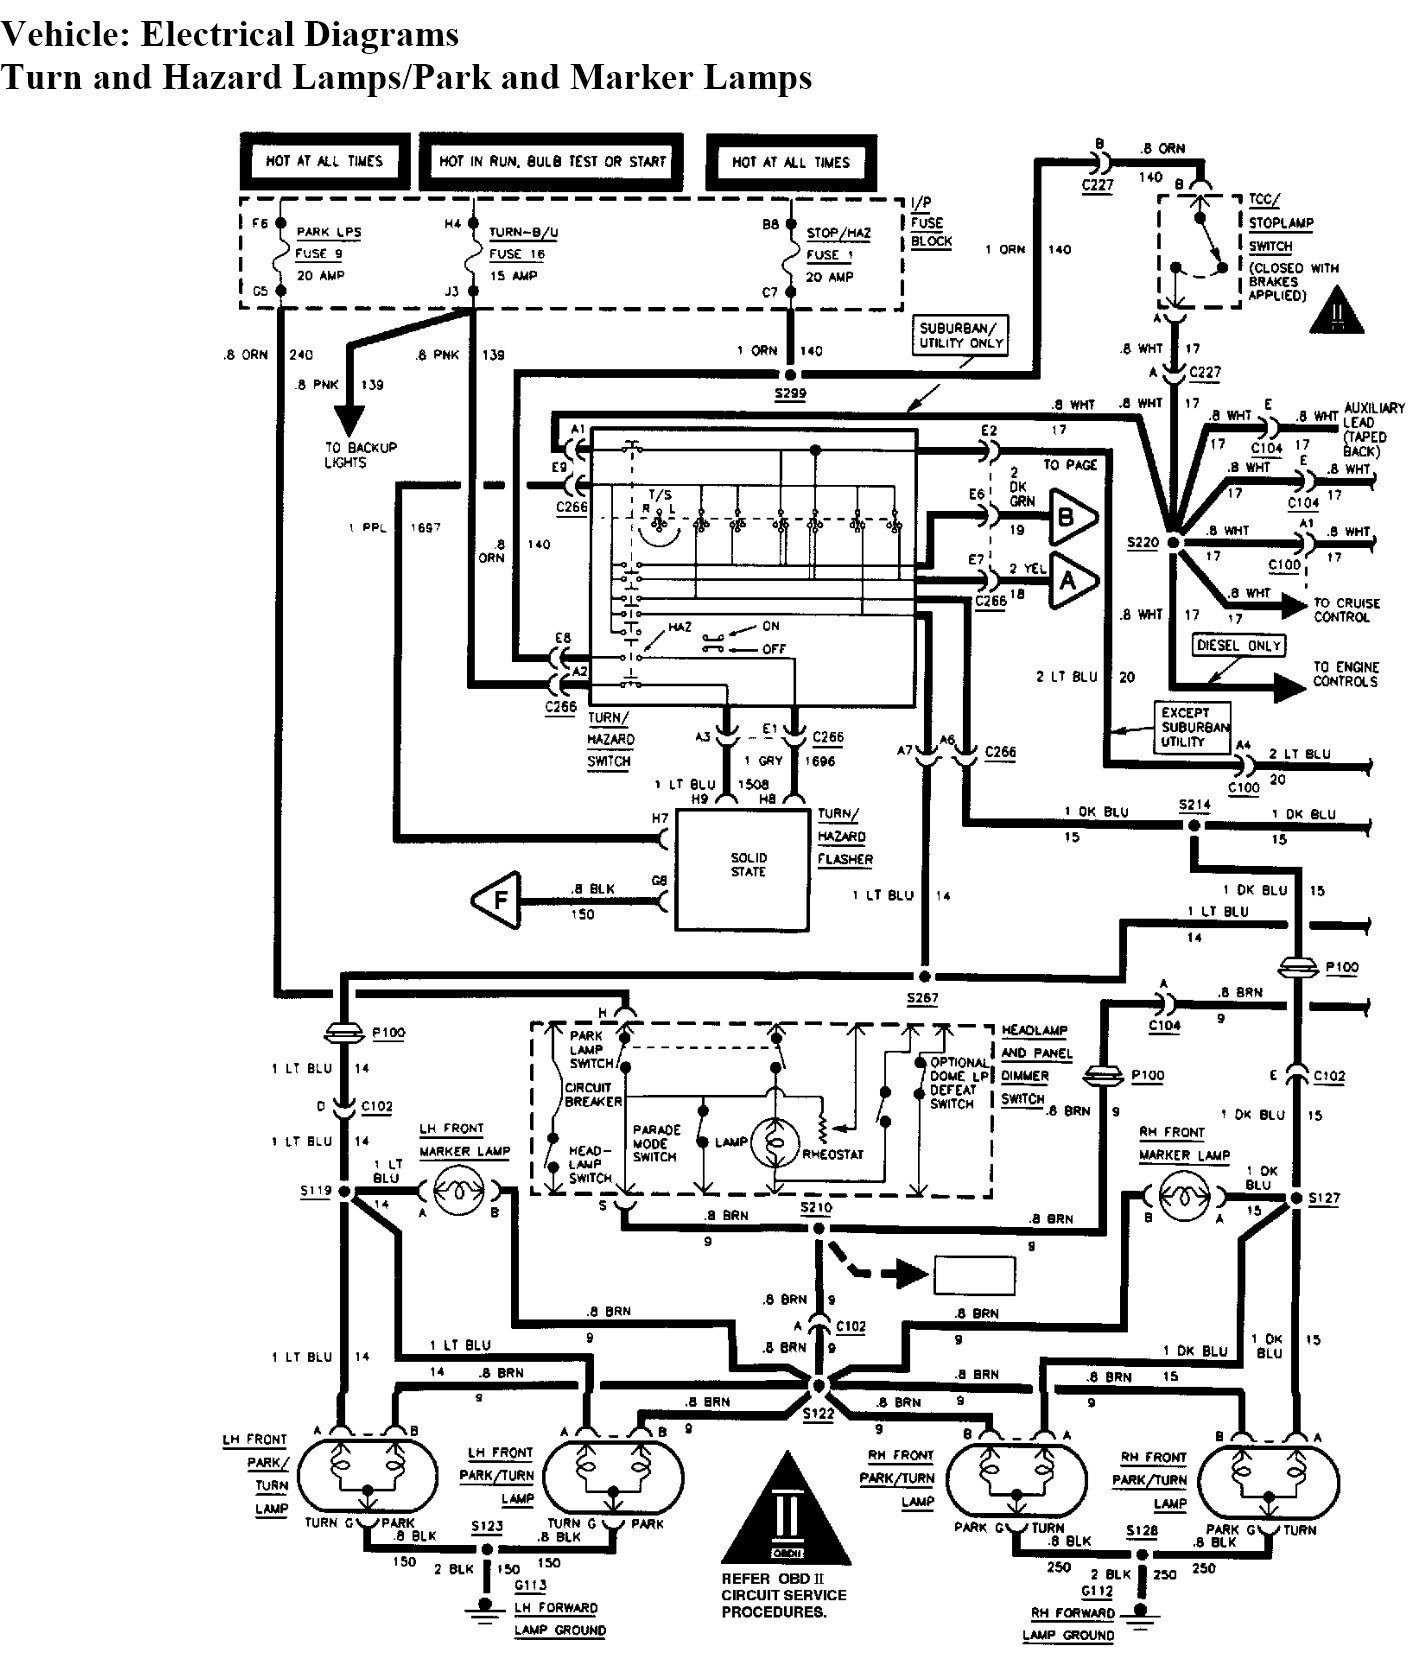 Unique Wfco Wiring Diagram